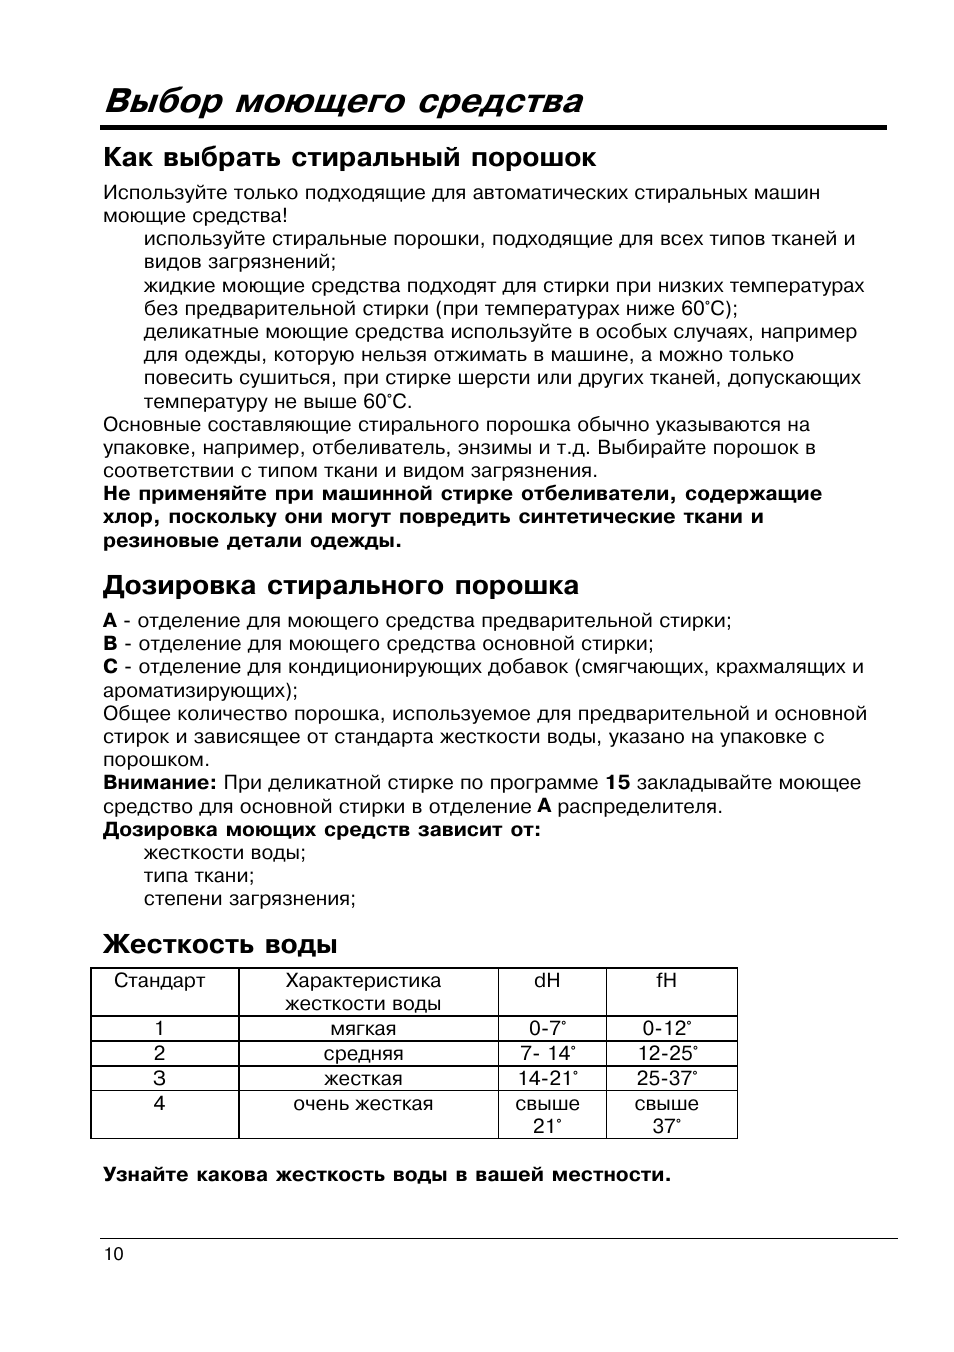 WDS1040TX ИНСТРУКЦИЯ СКАЧАТЬ БЕСПЛАТНО